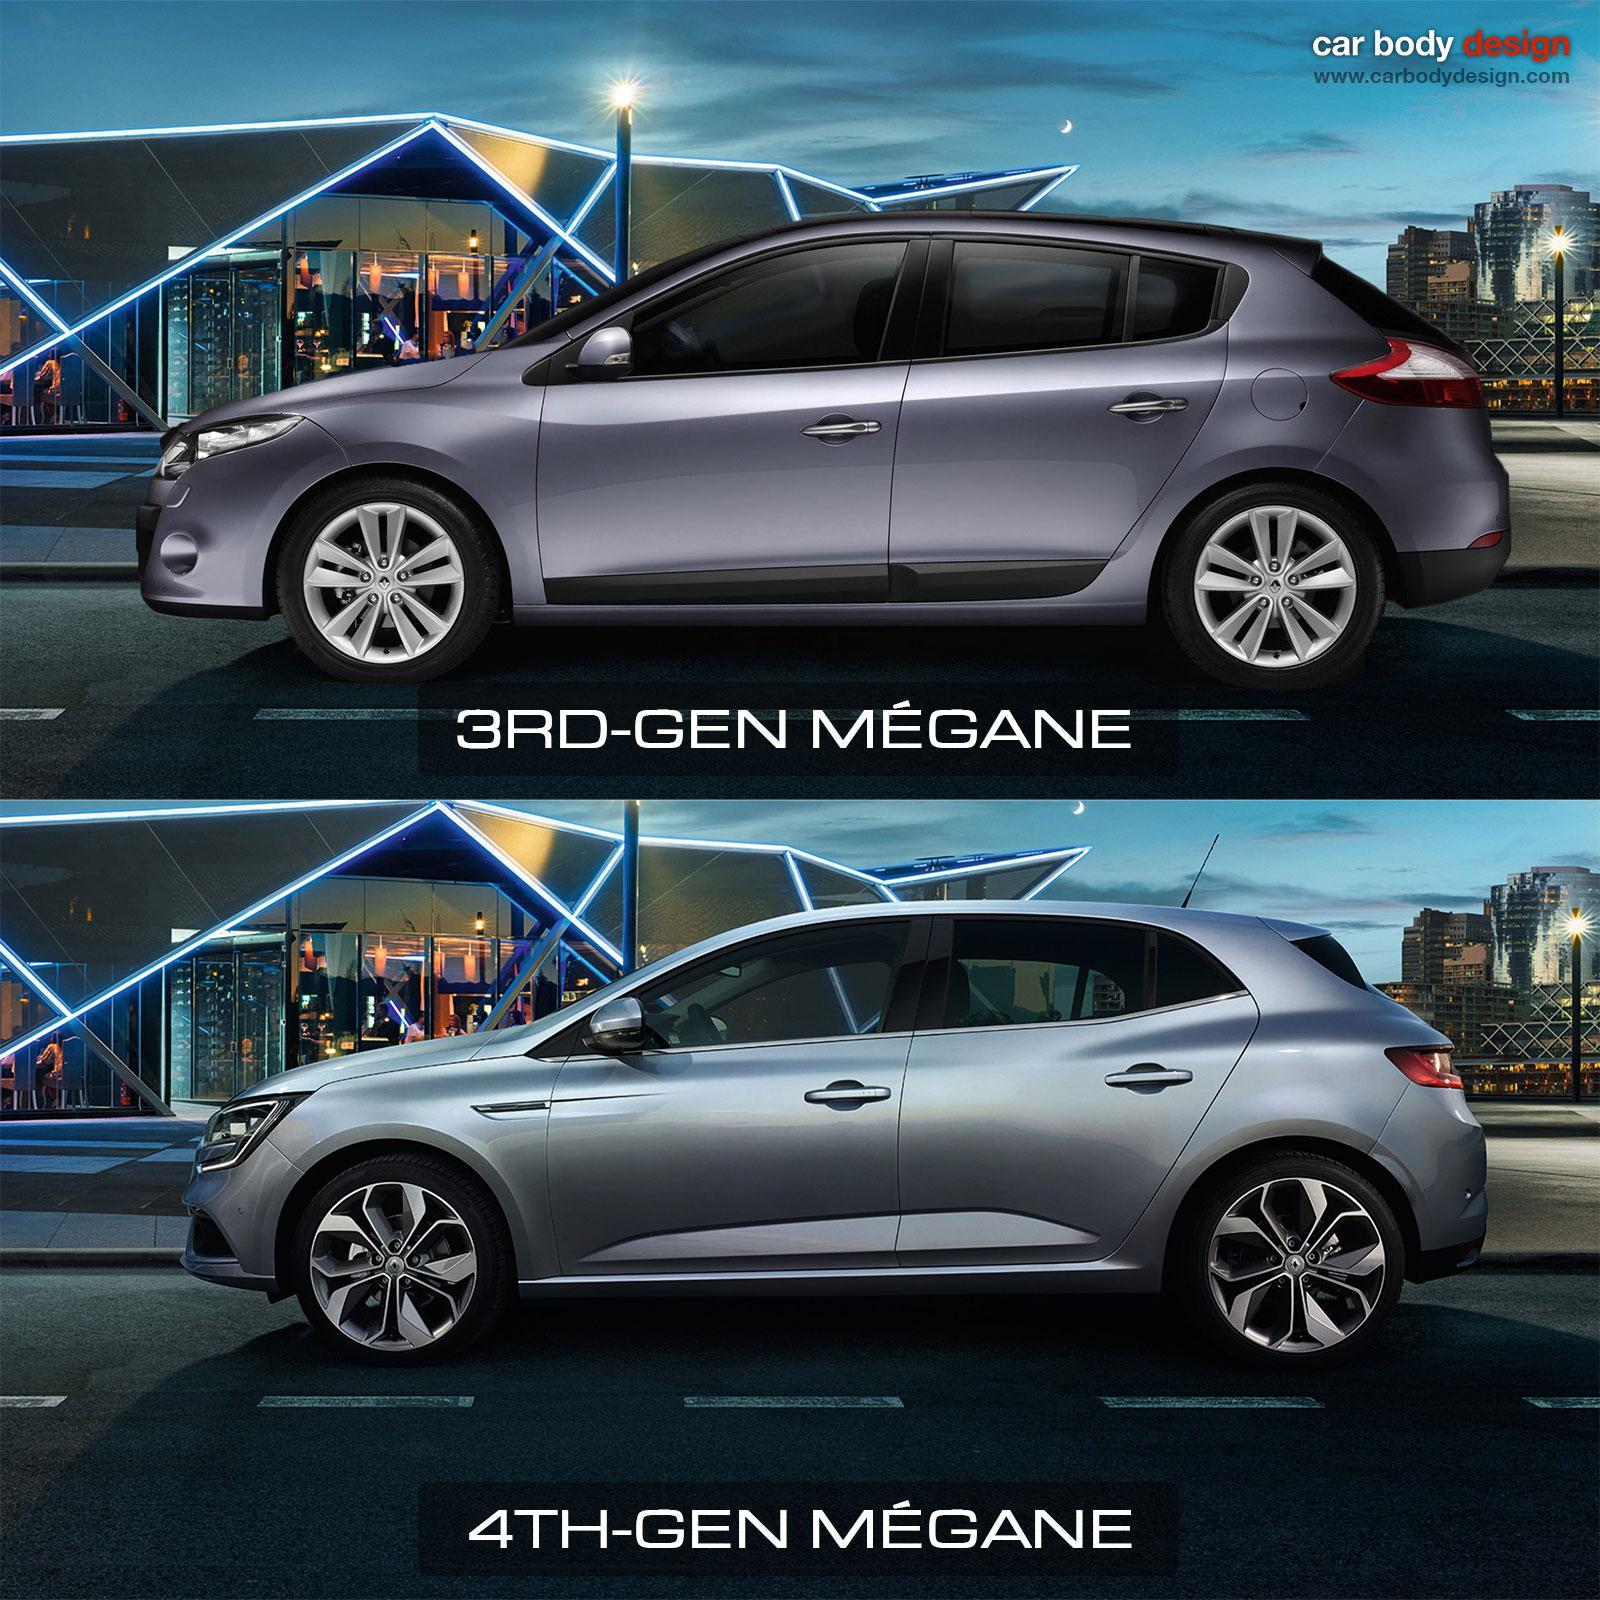 renault megane 3rd vs 4th generation design comparison car body design. Black Bedroom Furniture Sets. Home Design Ideas